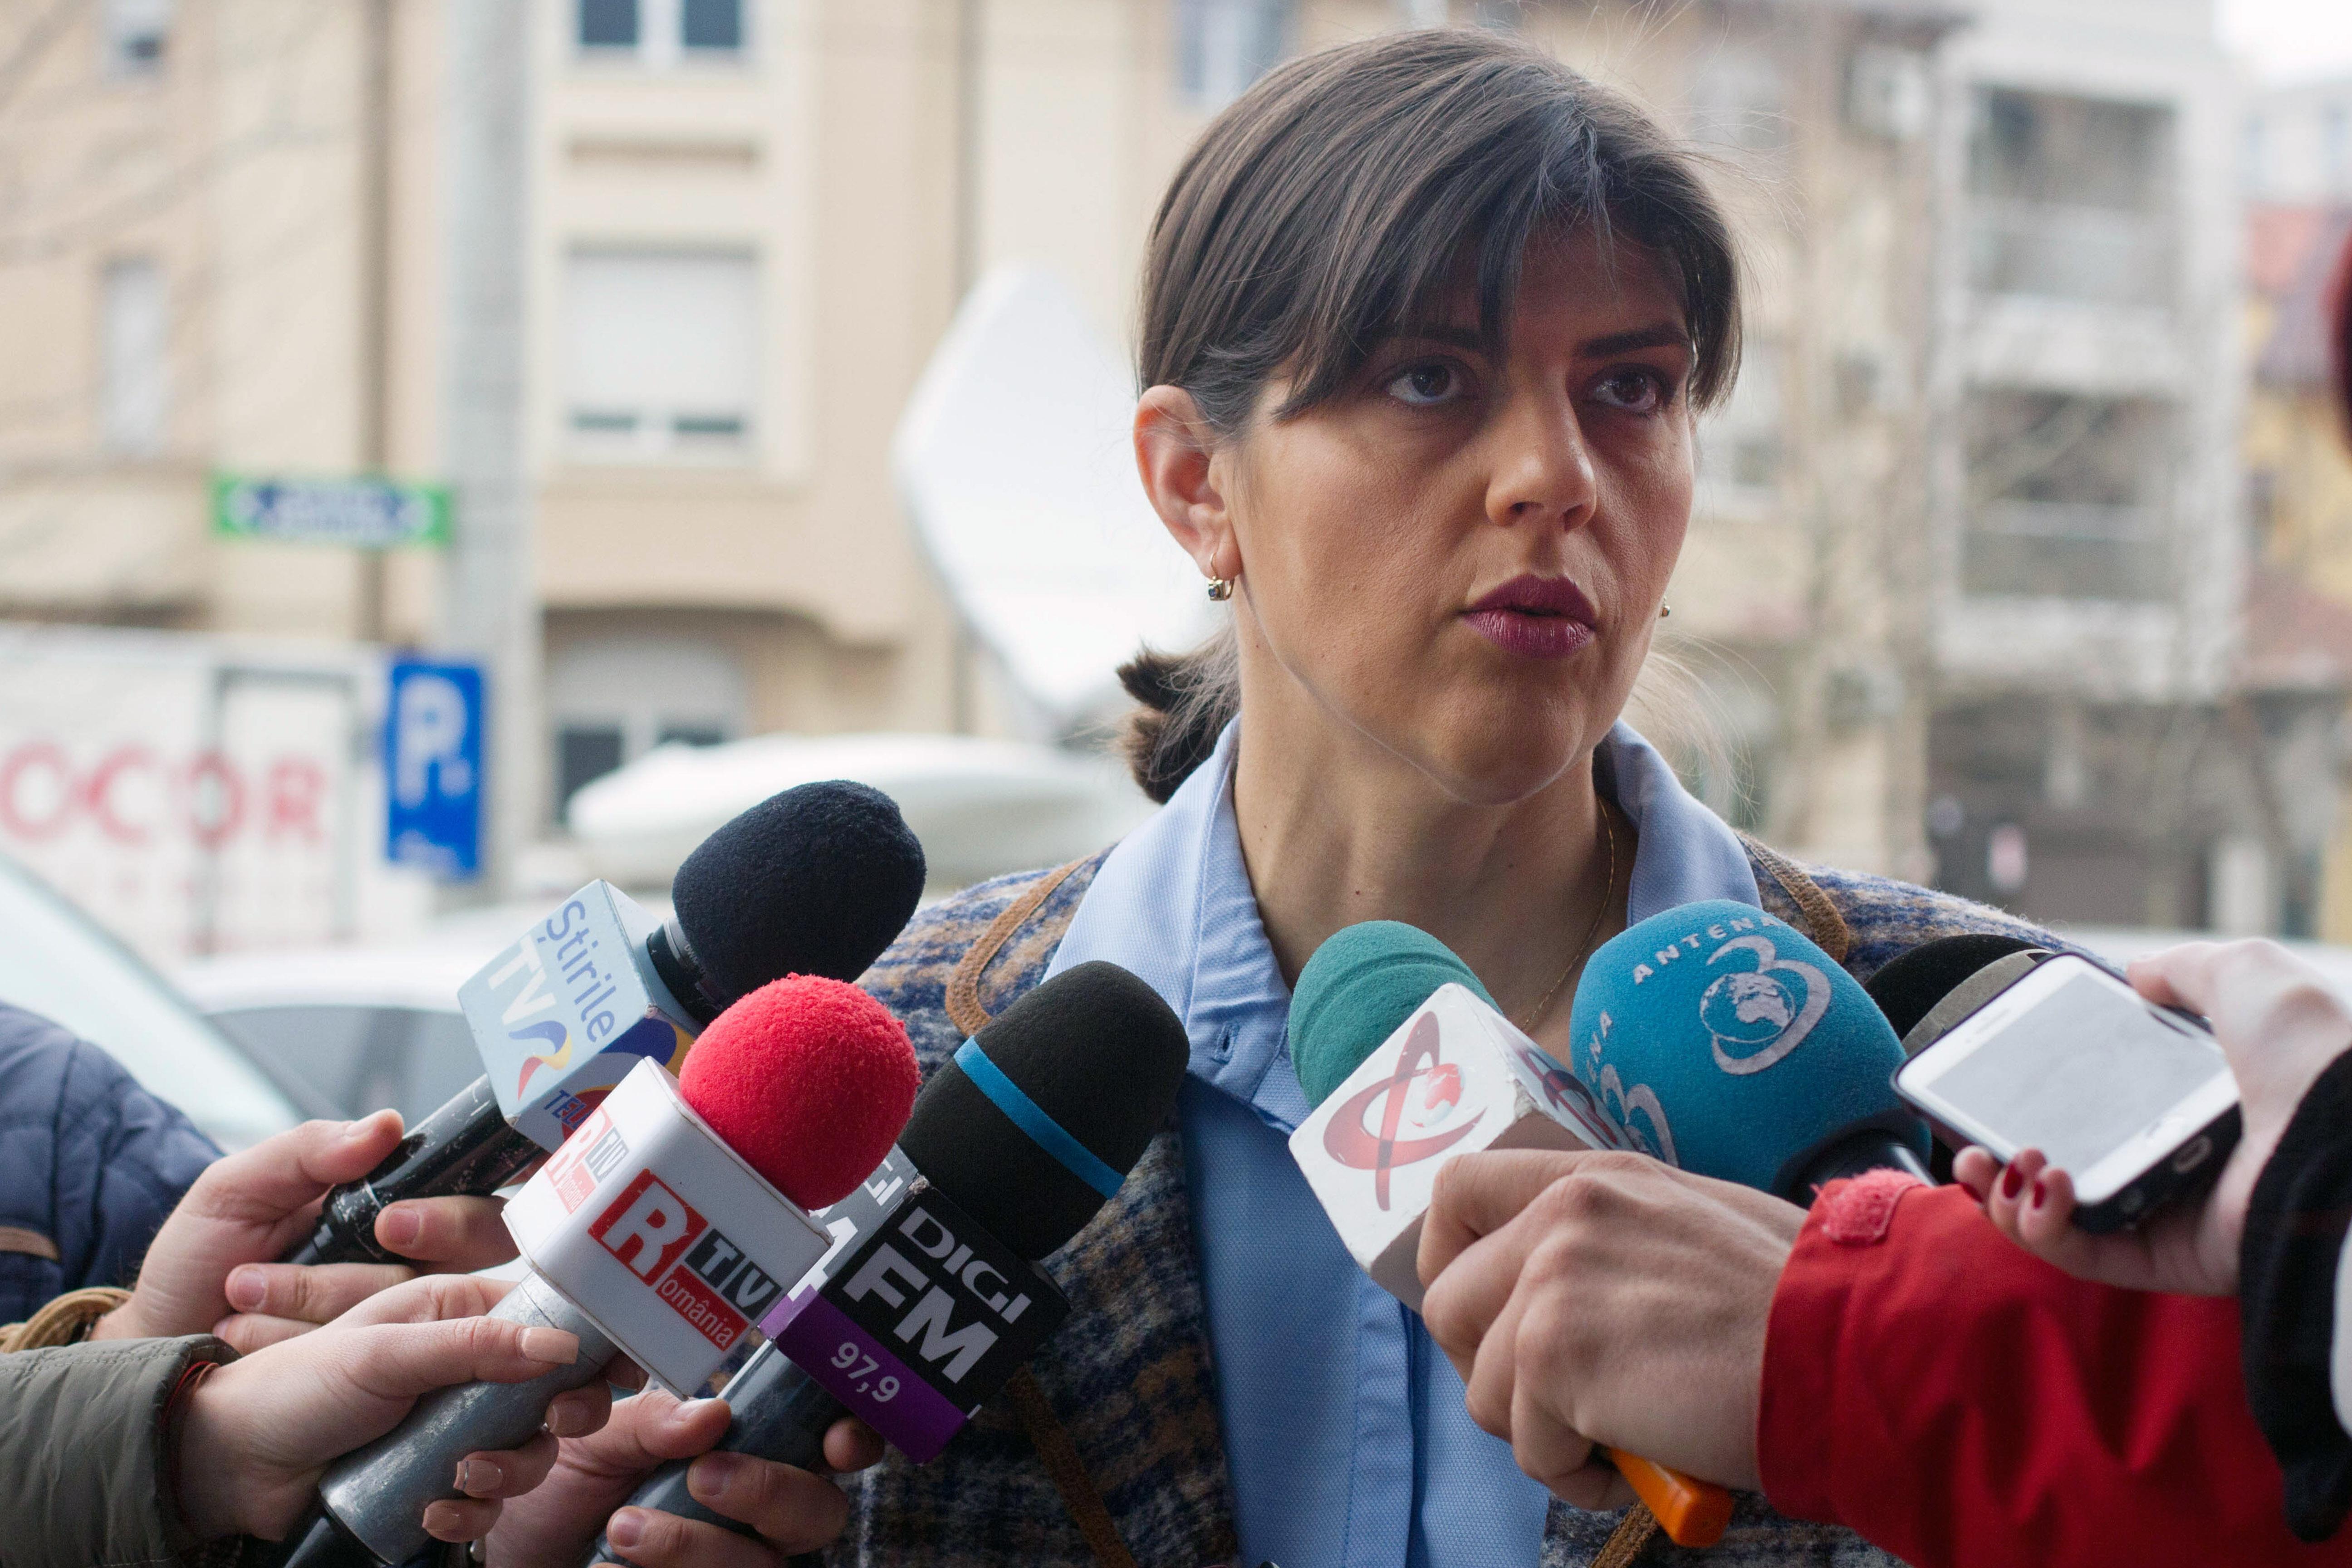 Încep audierile la Comisia SIPA. Laura Codruţa Kovesi şi Florian Coldea ar putea fi chemaţi la ancheta desfăşurată de Parlament